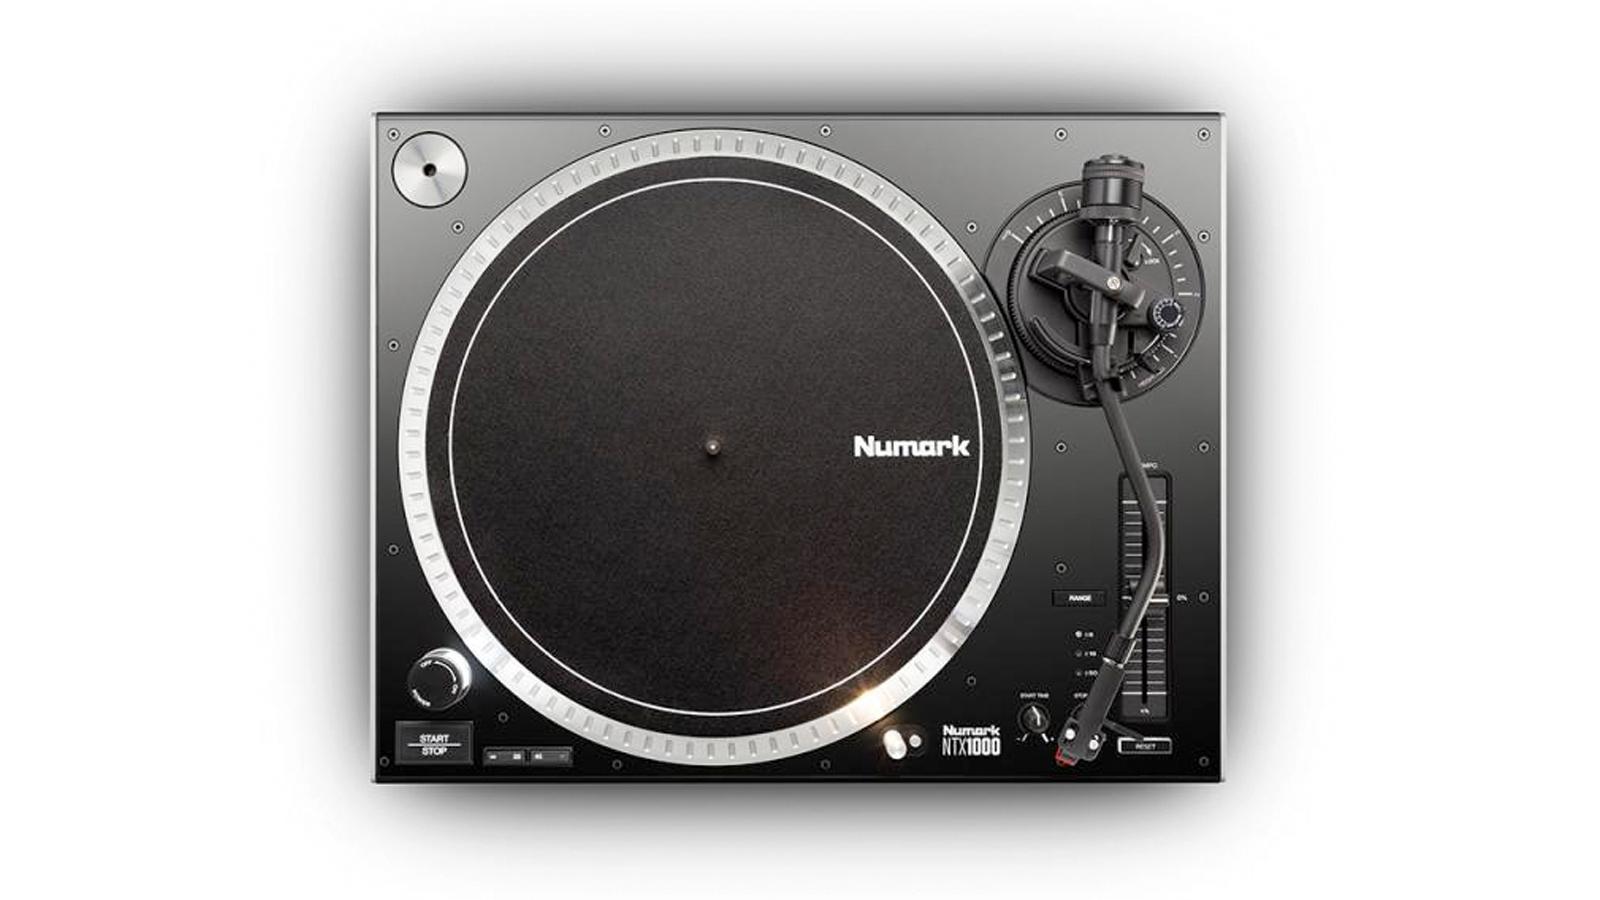 Numark NTX1000 Plattenspieler